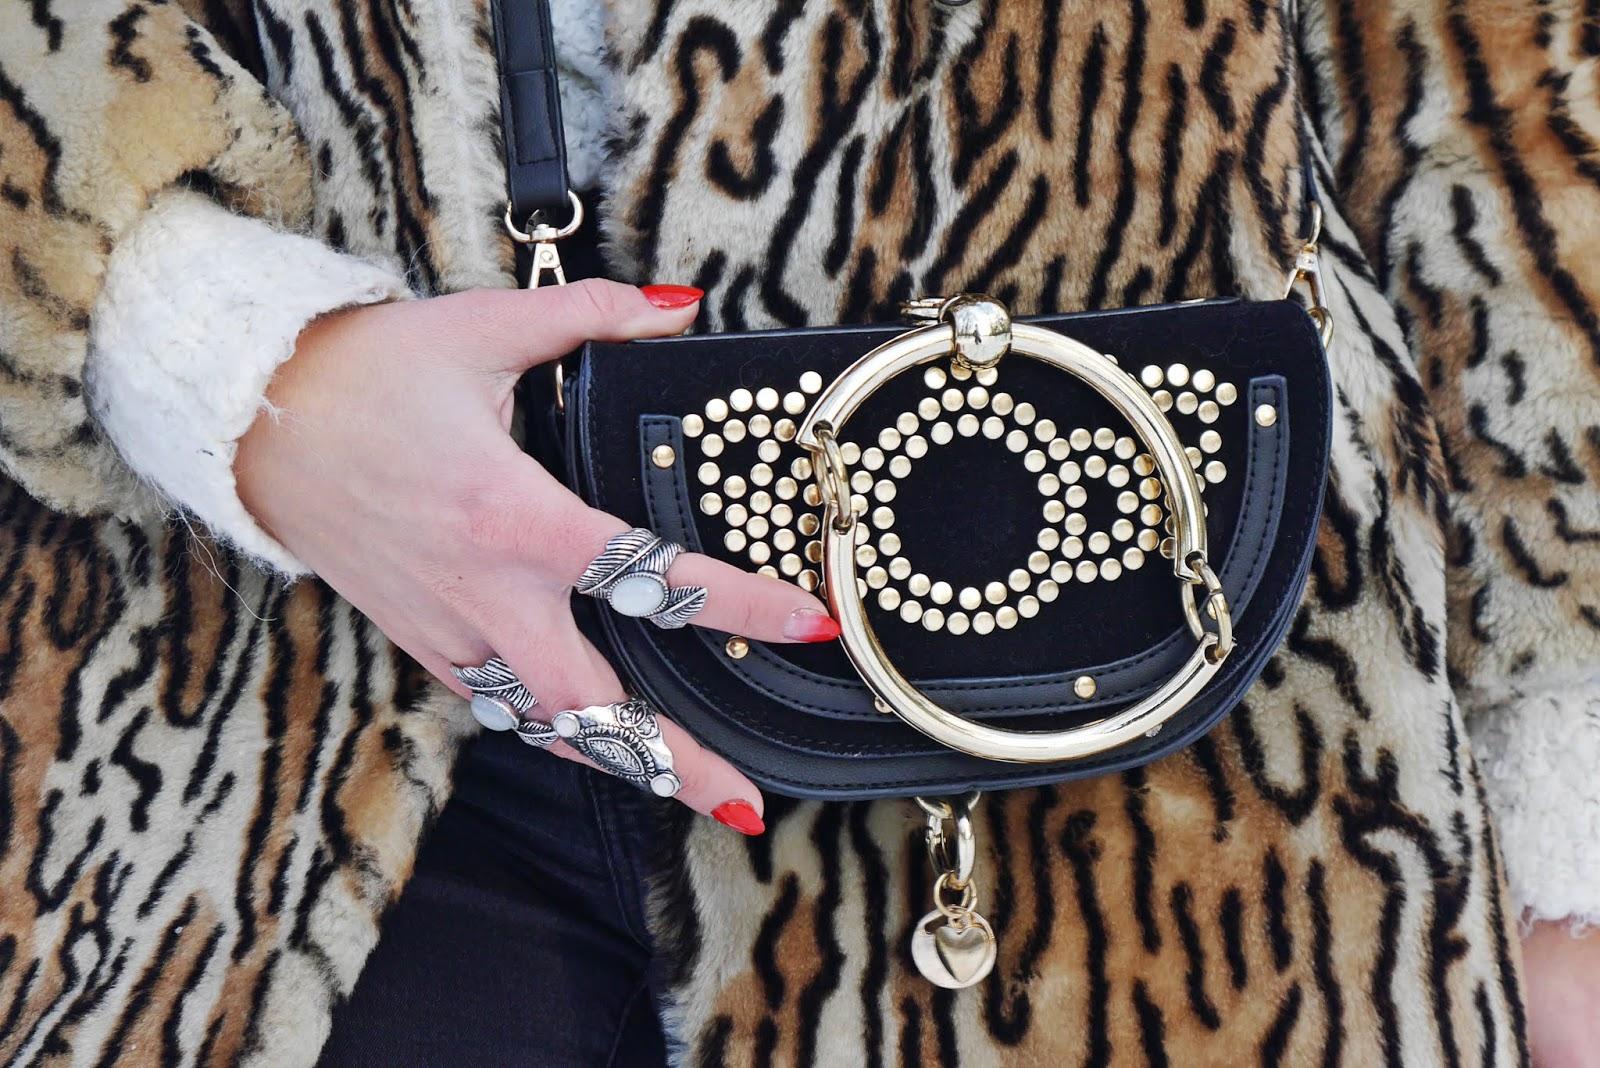 futerko w panterkę czapa z pomoponem karyn blog modowy blogerka modowa czarne spodnie biały golf ciekawy blog o modzie modowe stylizacje